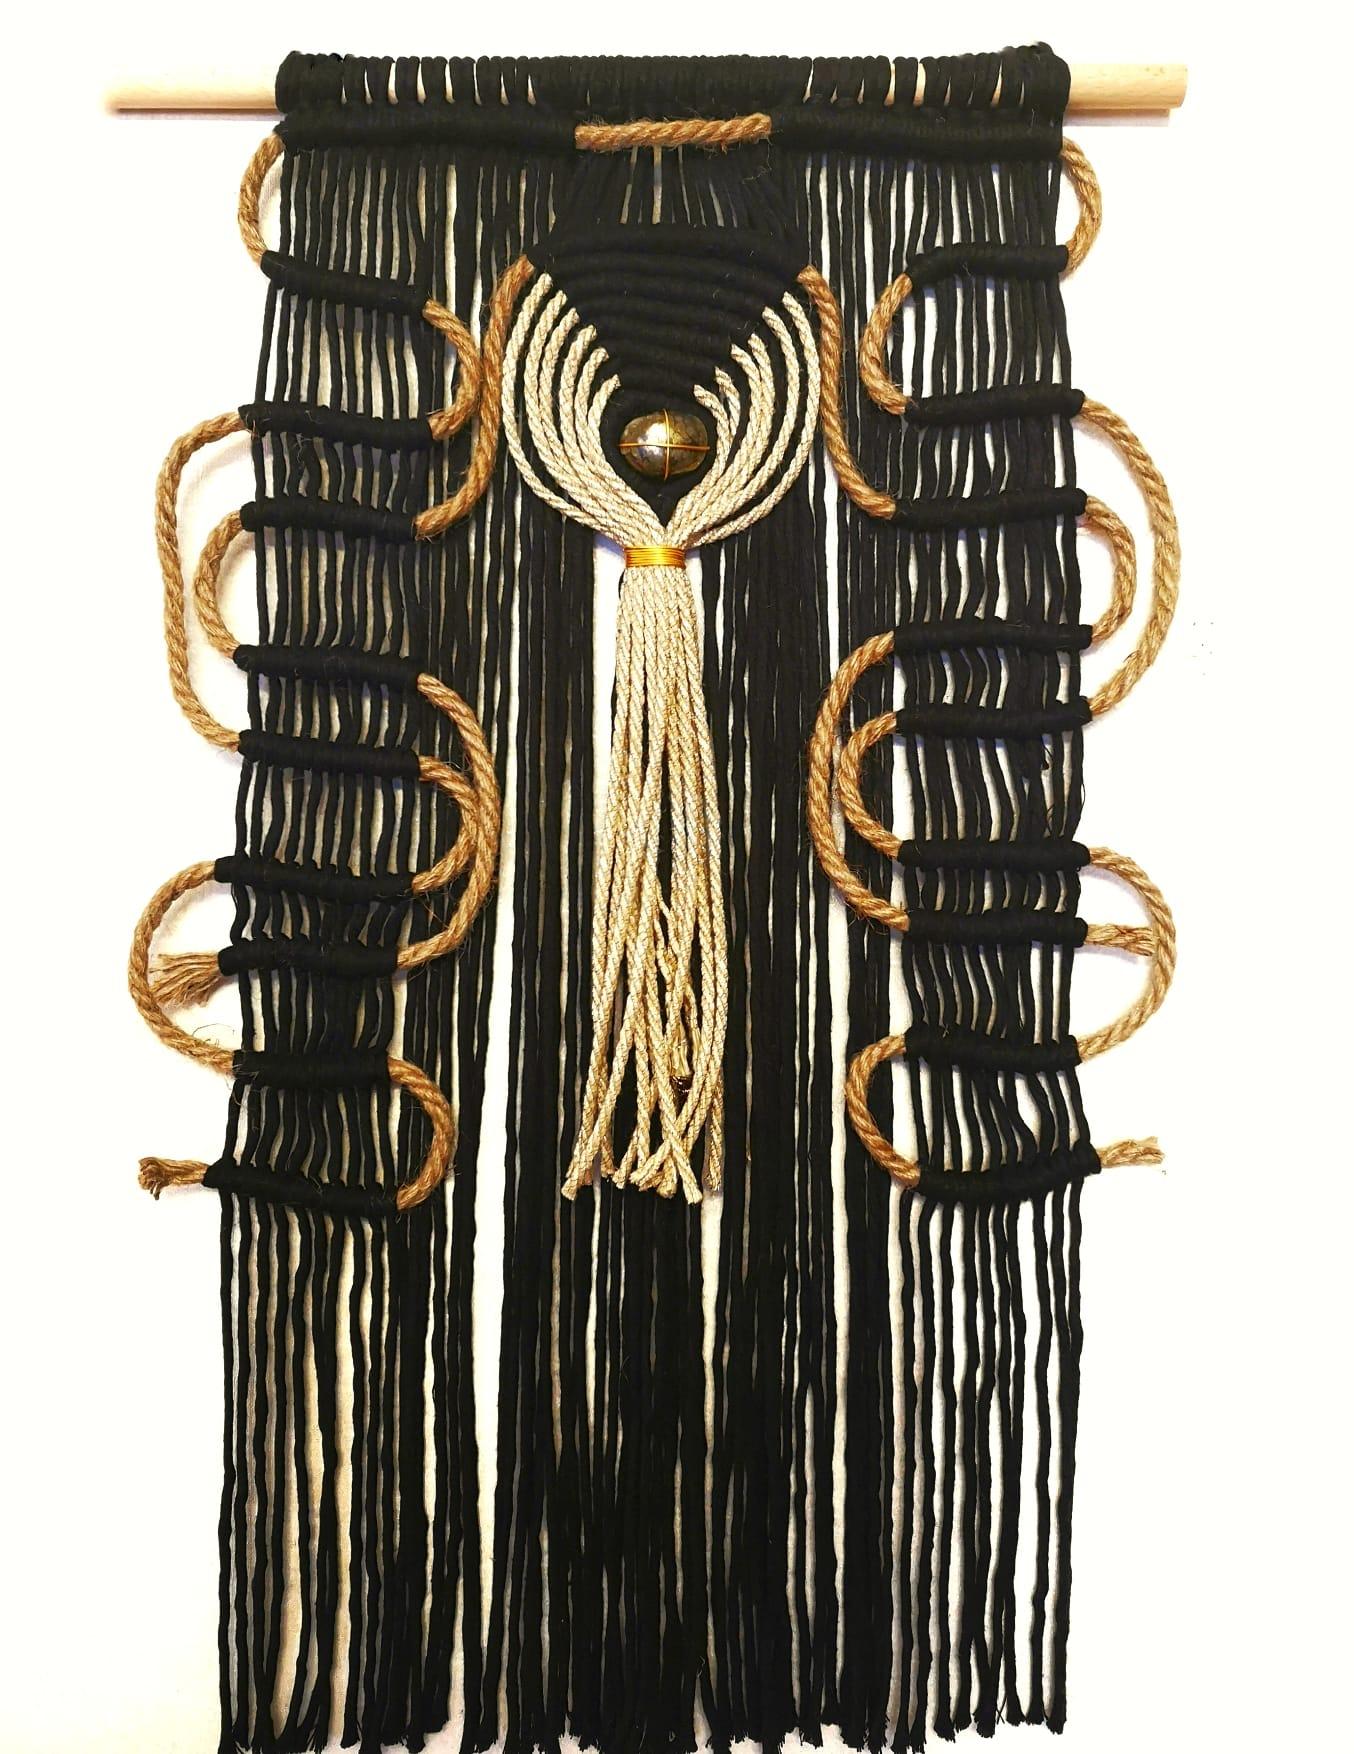 Enara Arte textil (5)